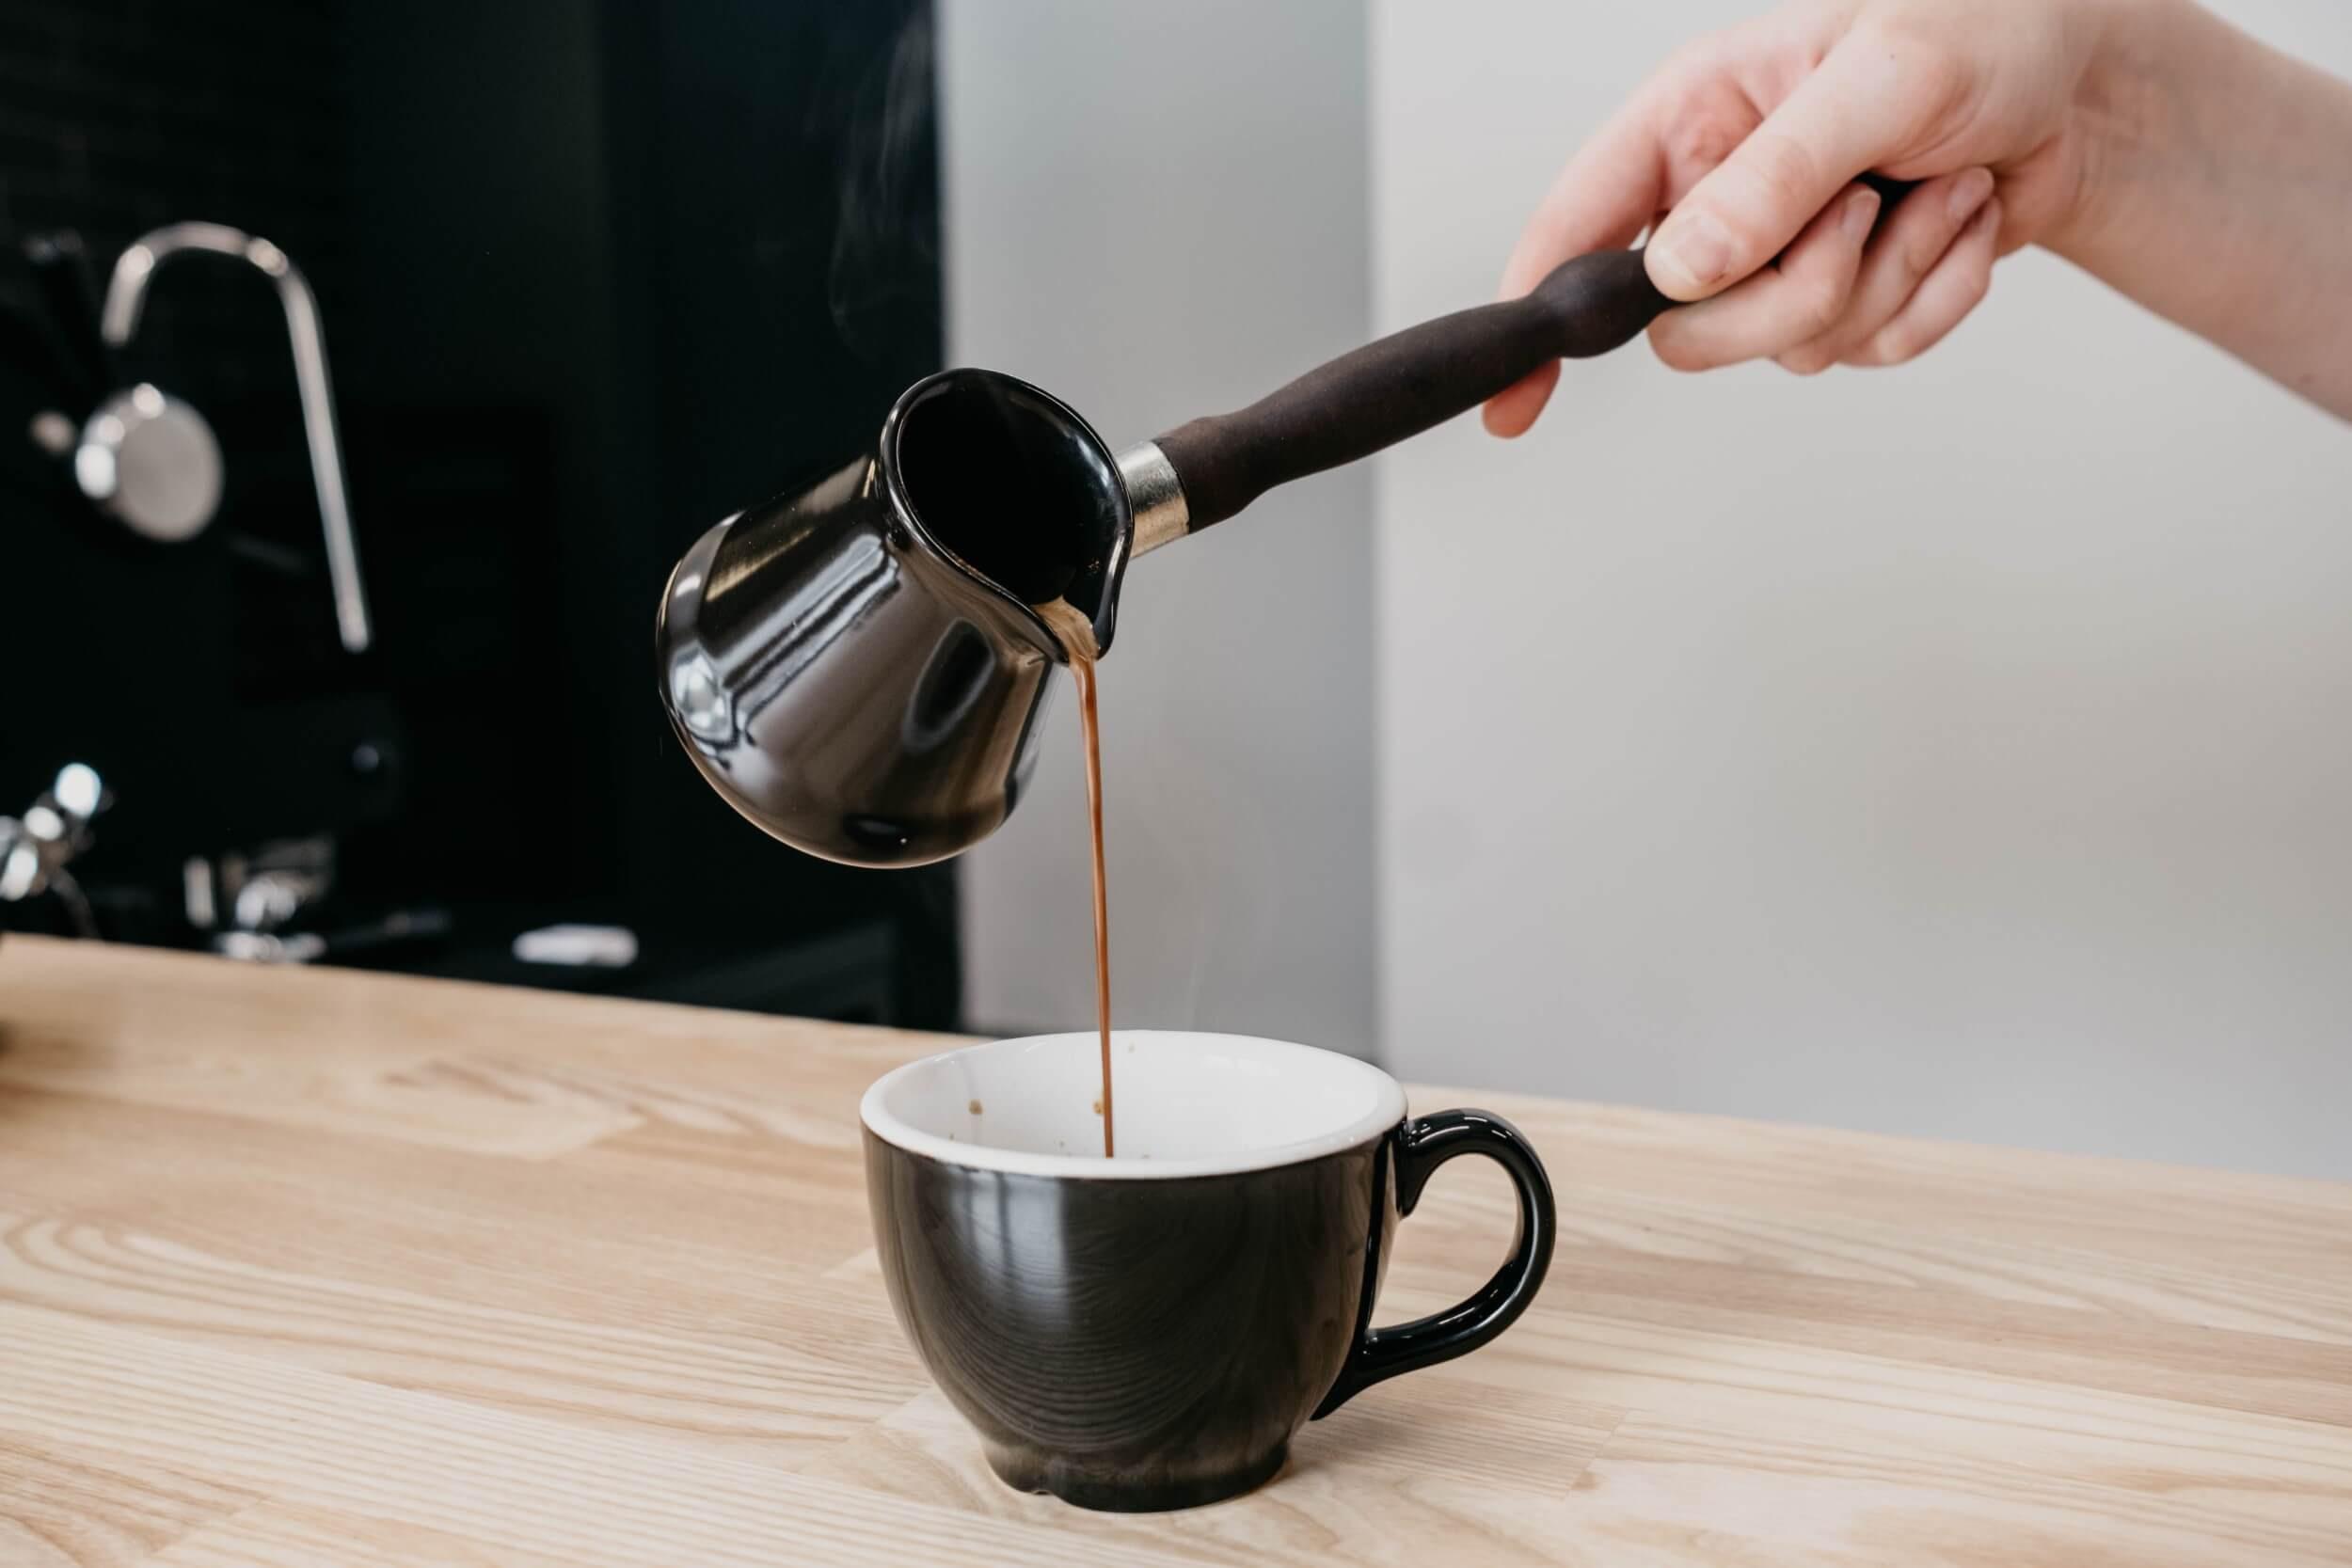 Для кофеманов: 4 средства для быстрой очистки медной турки